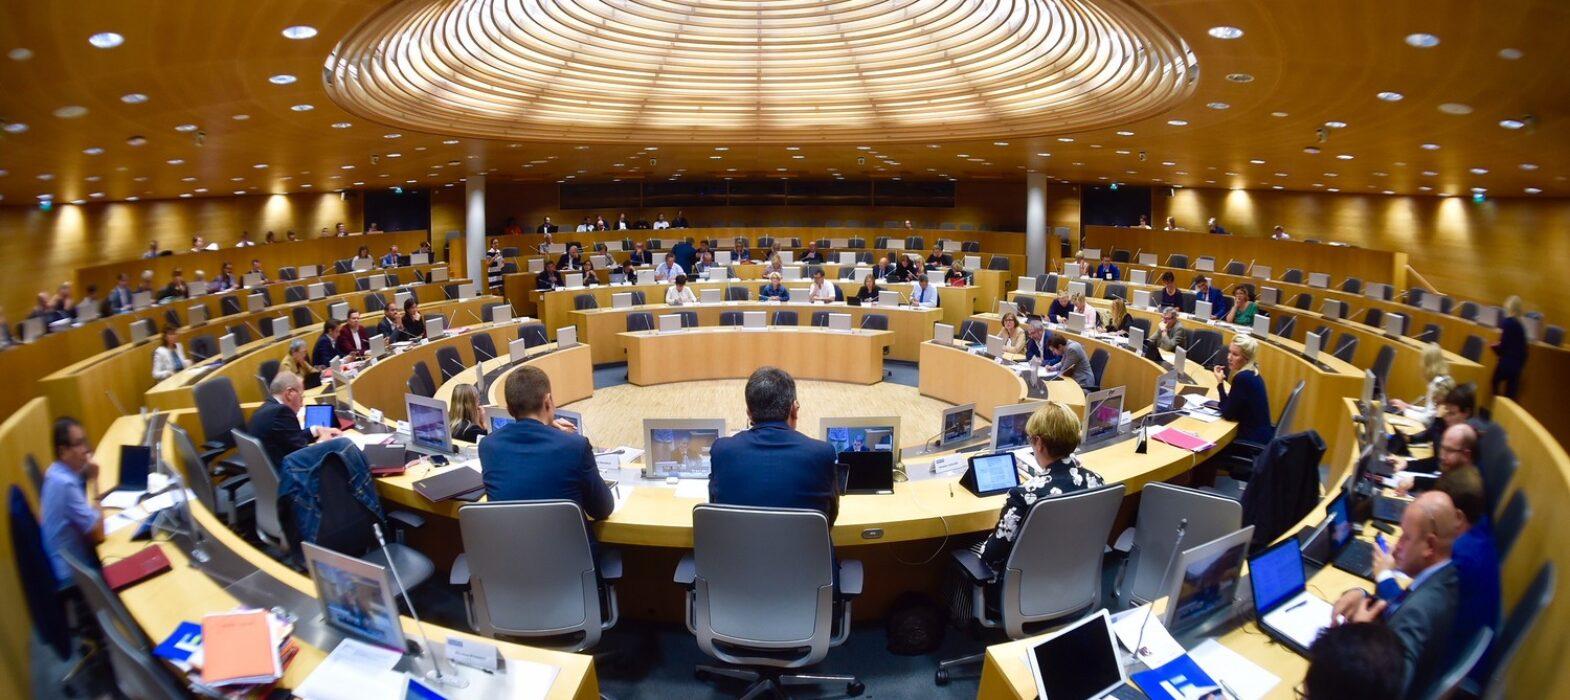 Photo de l'hémicycle lors de la Commission Permanente du Conseil Régional - Vendredi 12 octobre 2018